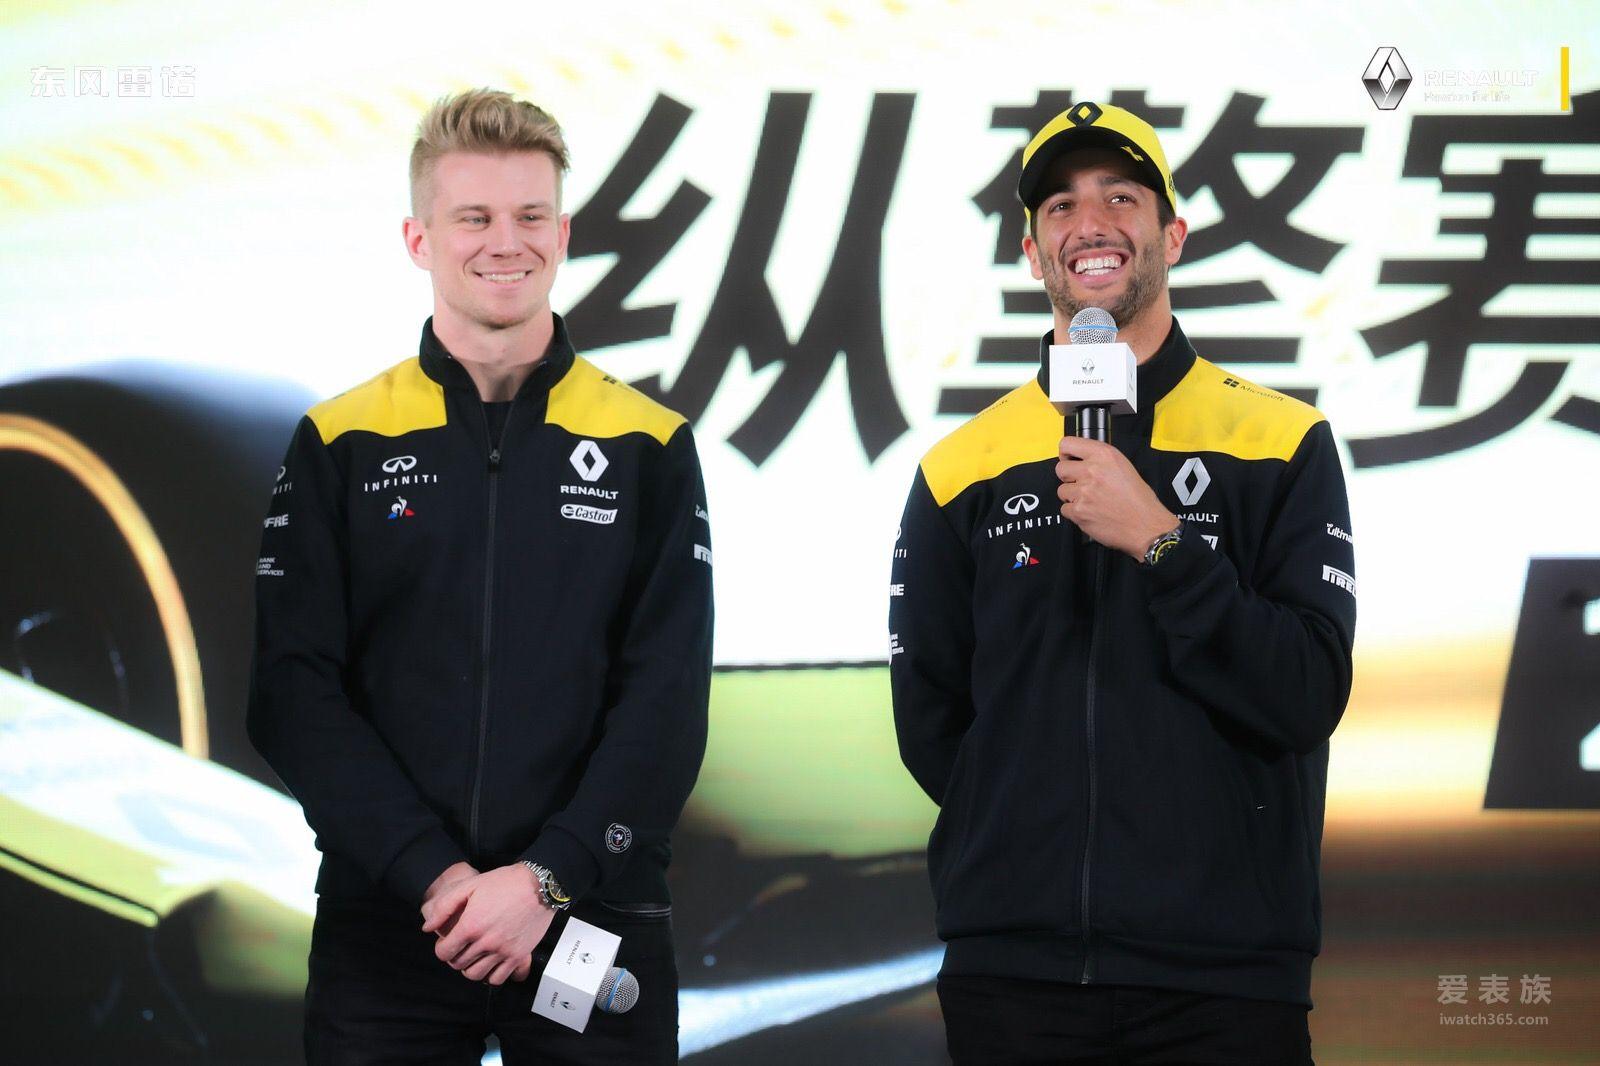 柏莱士携全新R.S.19计时码表亮相上海2019雷诺F1车队之夜